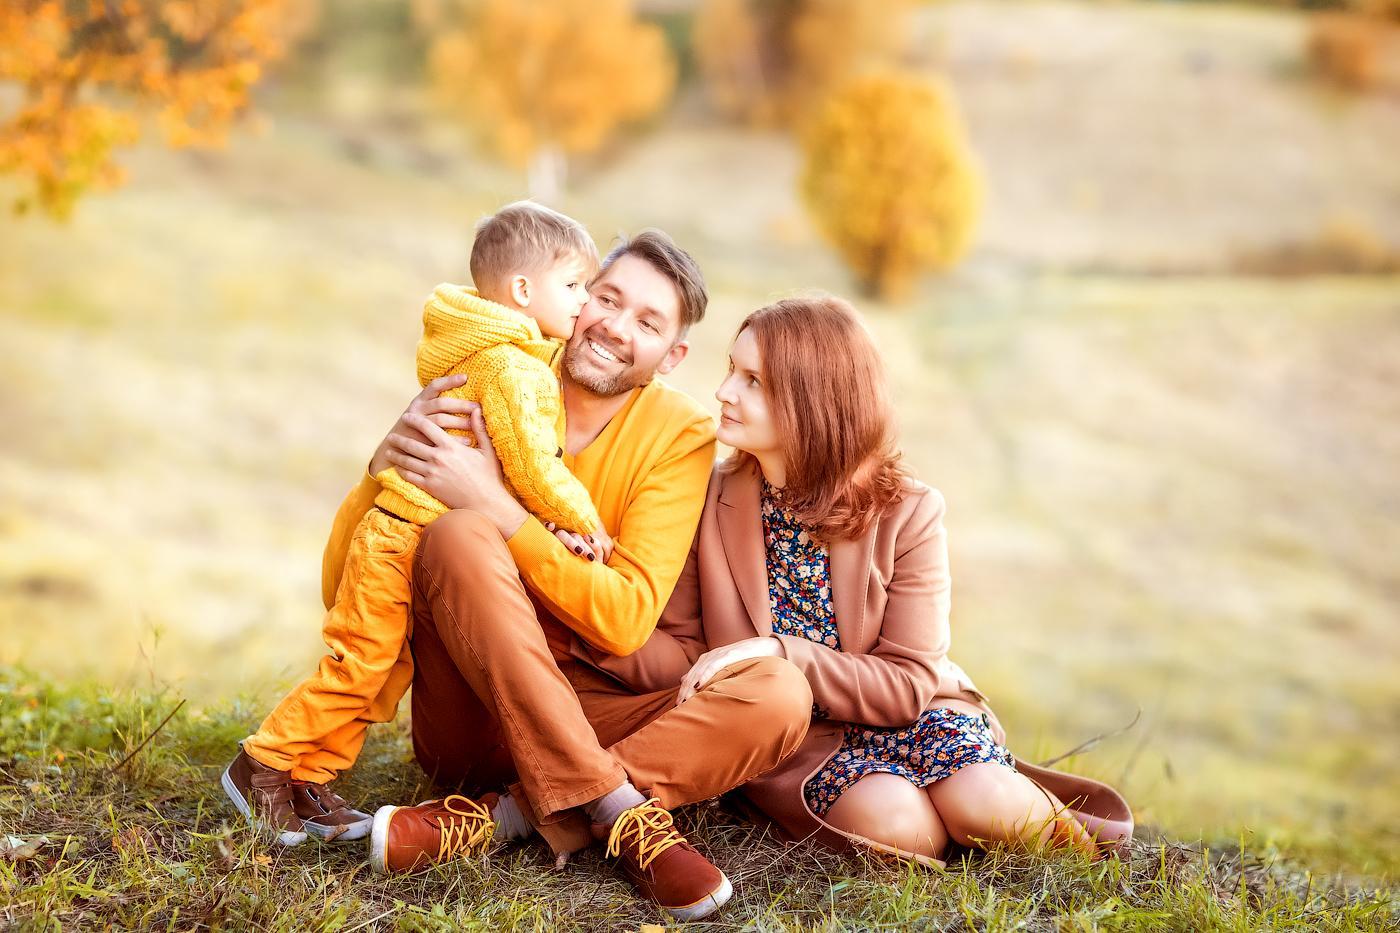 Осенняя семейная фотосессия на природе   фото идеи (27)